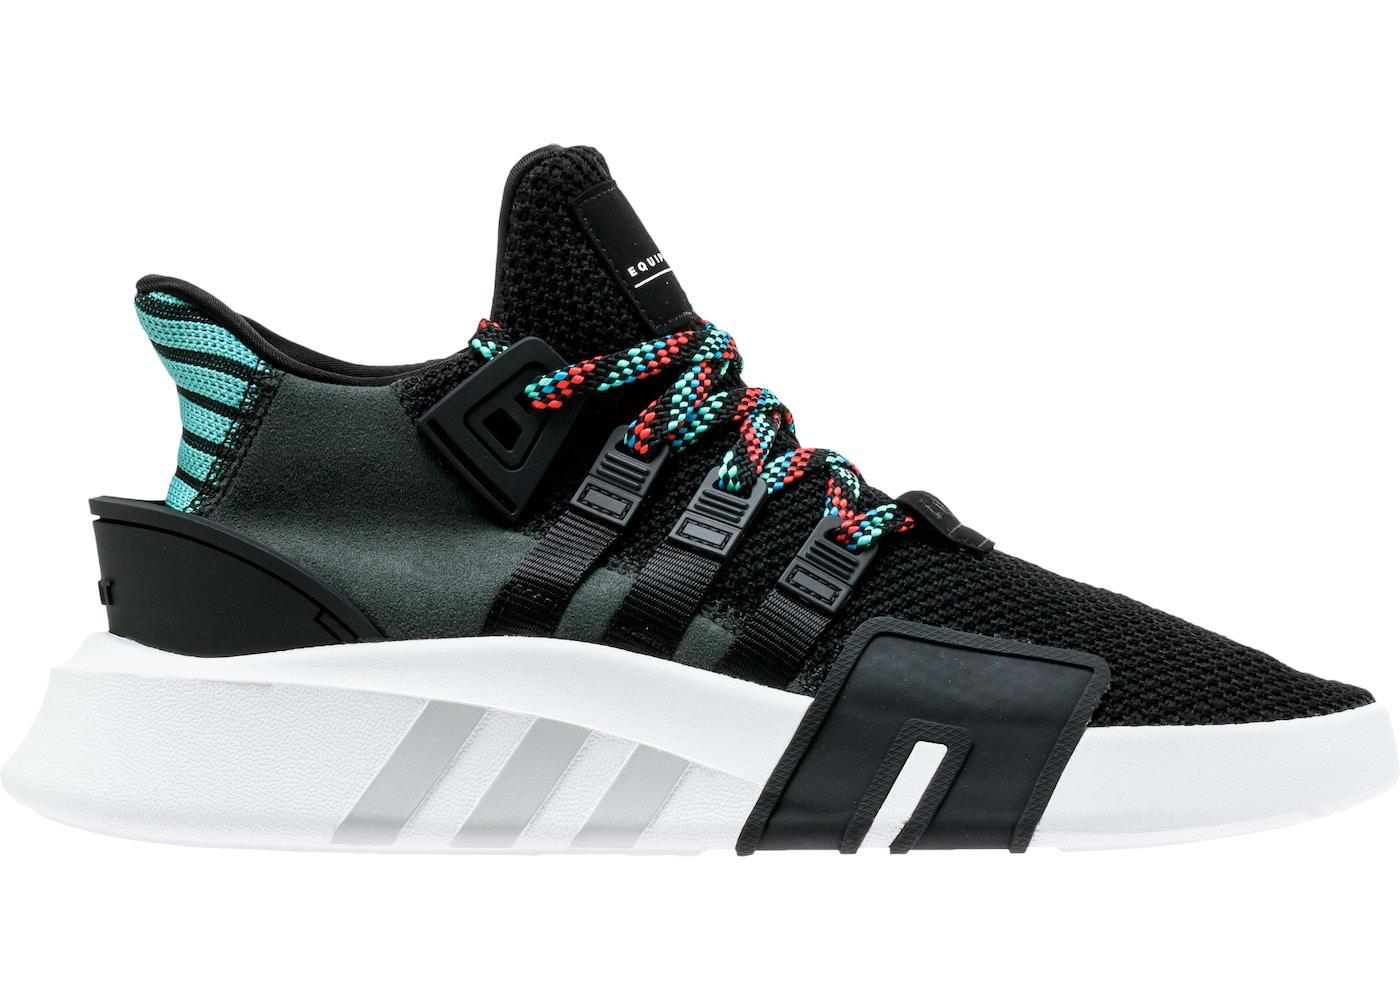 adidas EQT Basketball Adv Core Black Sub Green